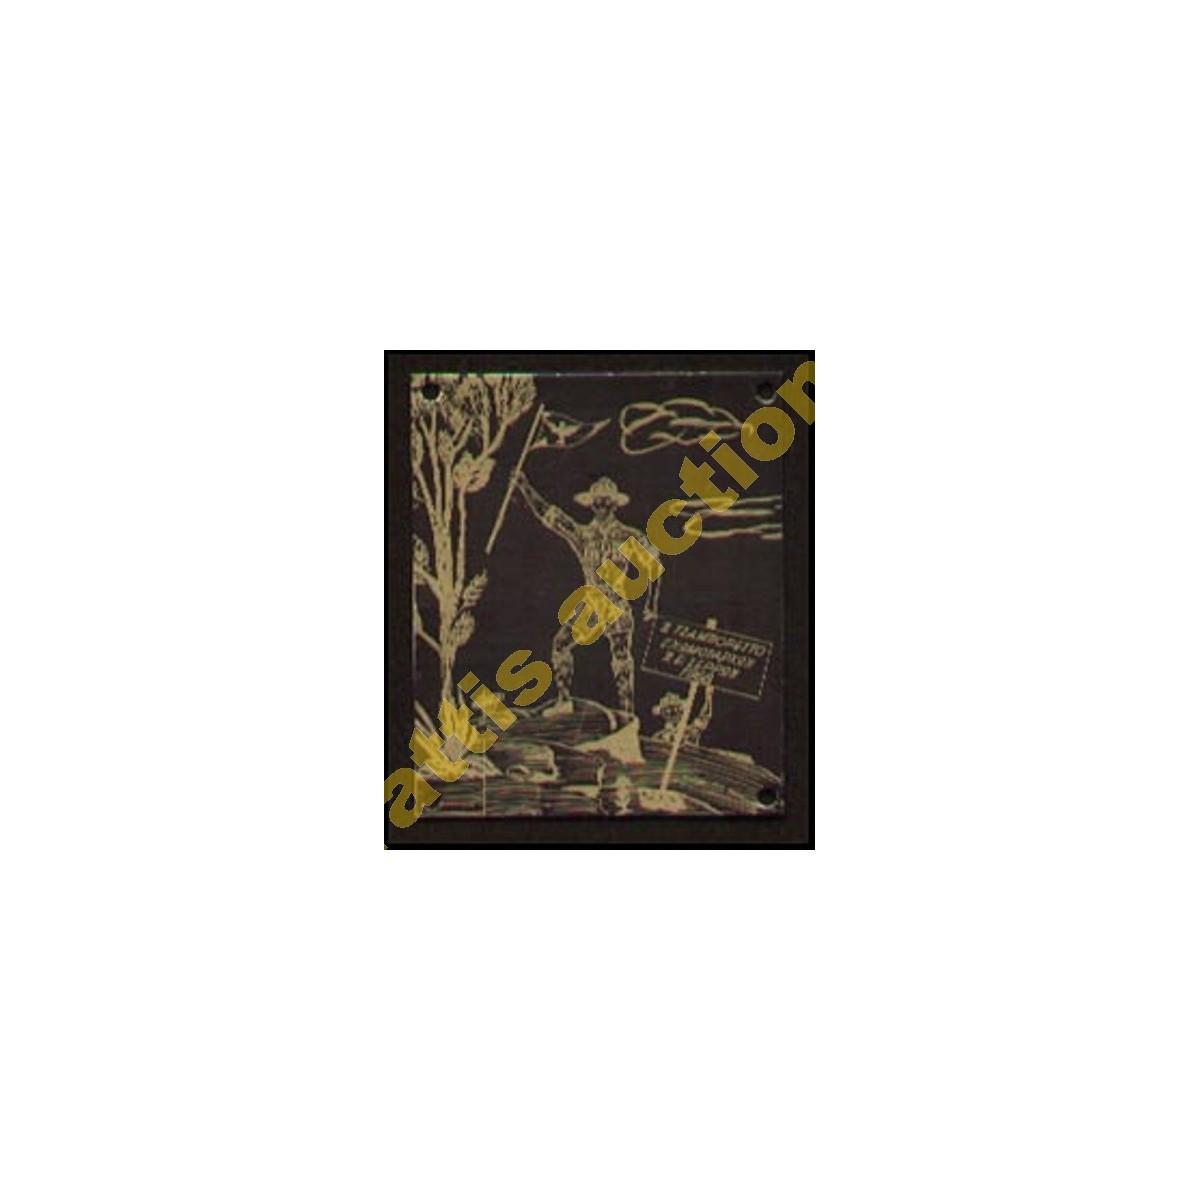 1968, ΙΙ Τζαμπορέττο Ενωμοταρχών Π.Ε. Σερρών.